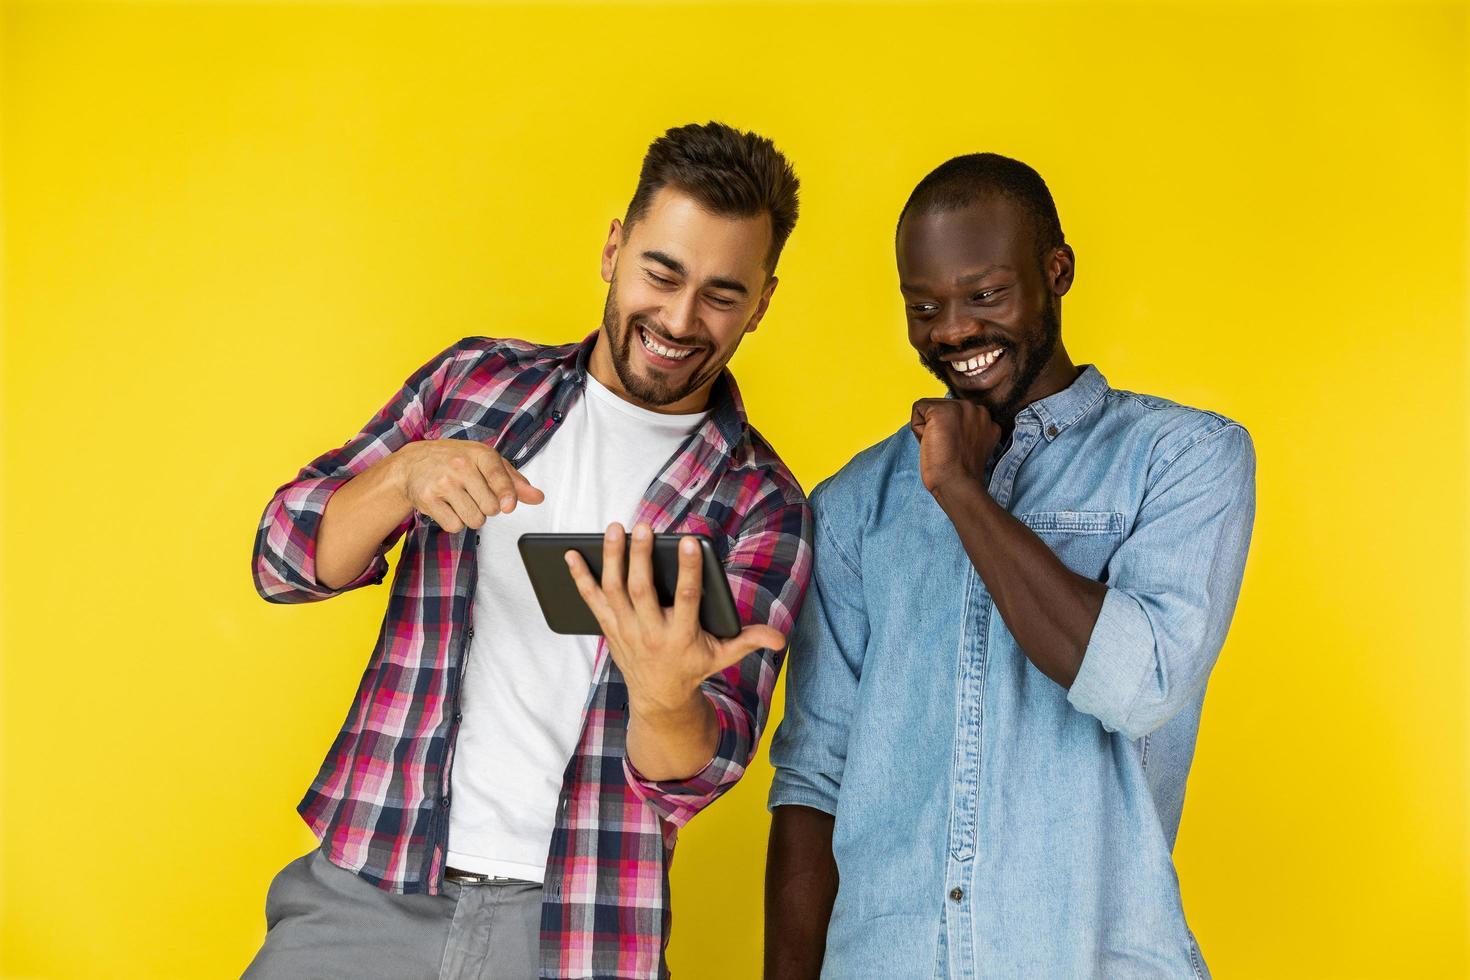 två vänner skrattar åt en video foto